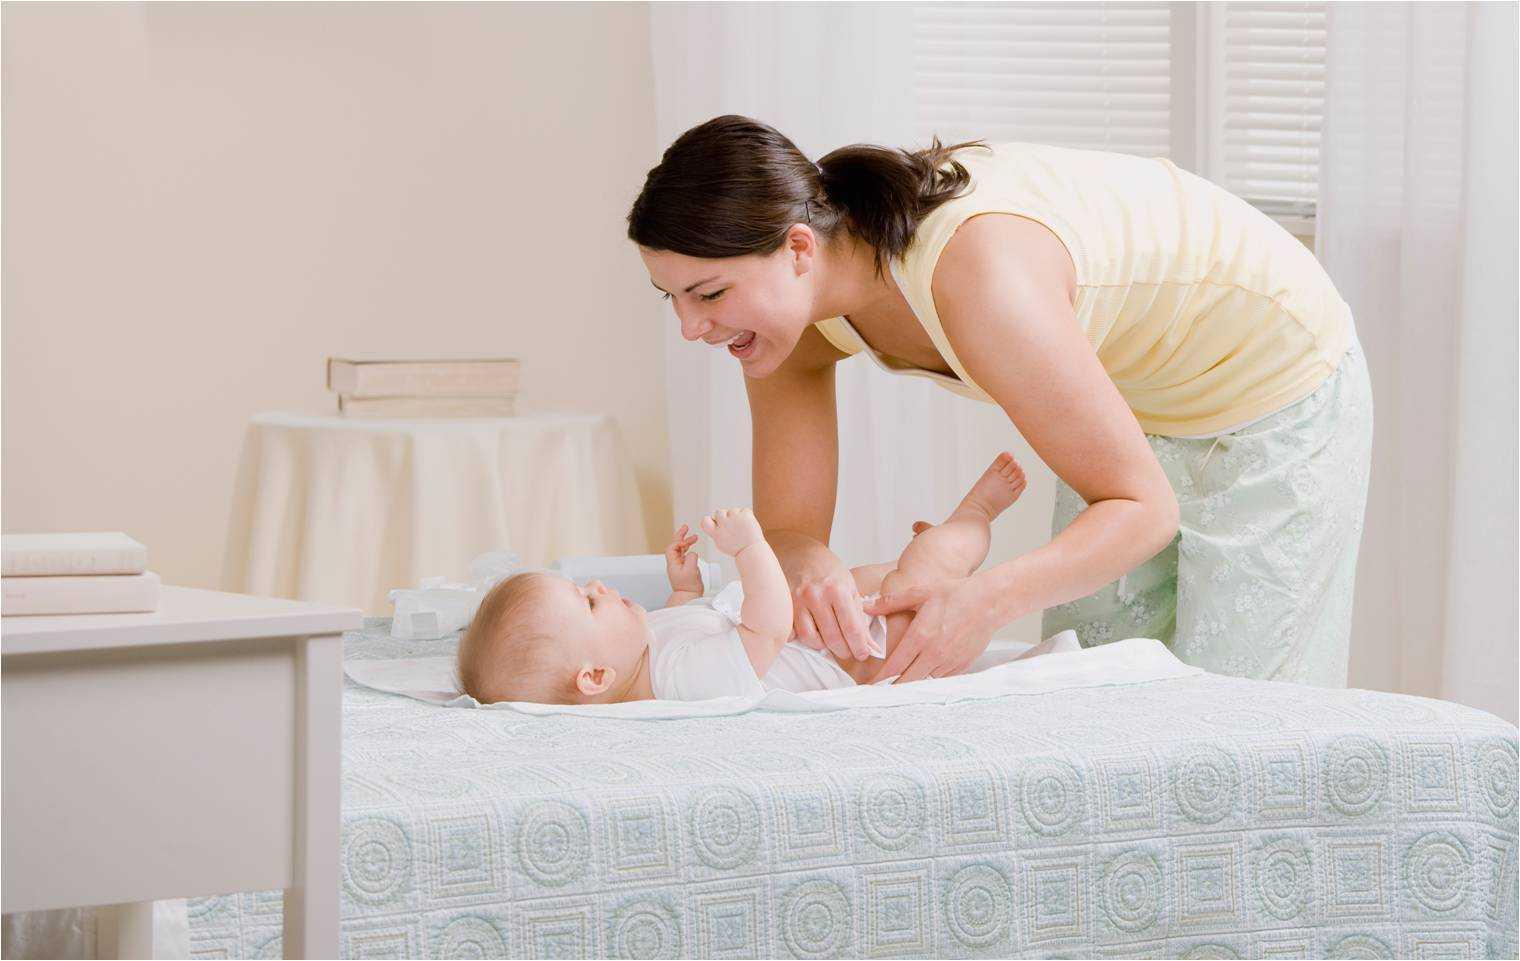 Как часто менять подгузник новорожденному